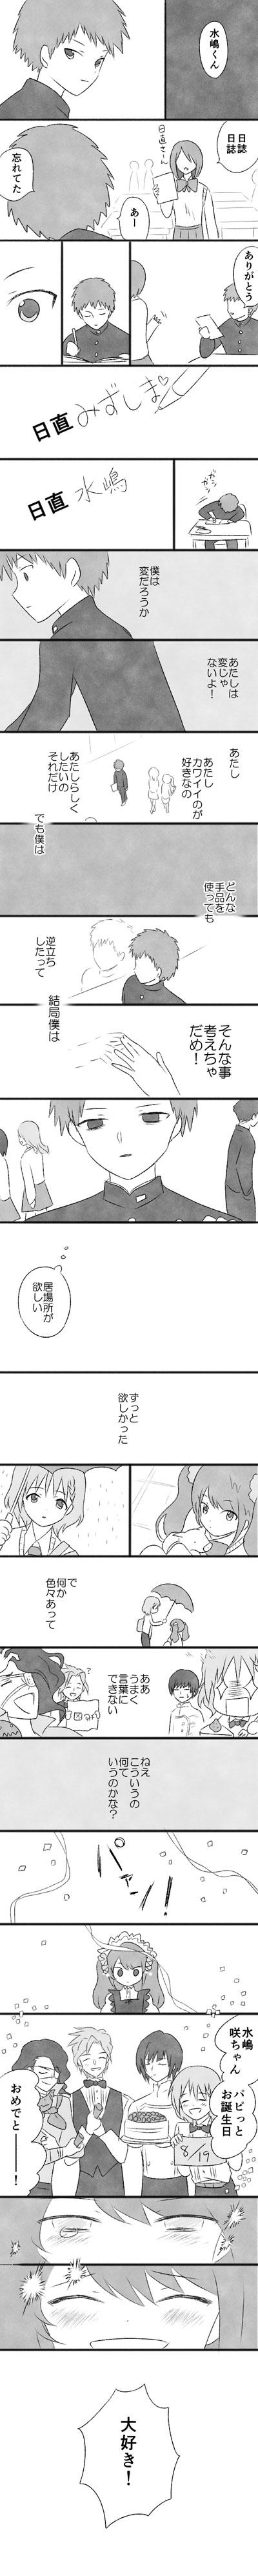 水嶋咲ちゃんお誕生日おめでとう漫画/アイドルマスター sideM